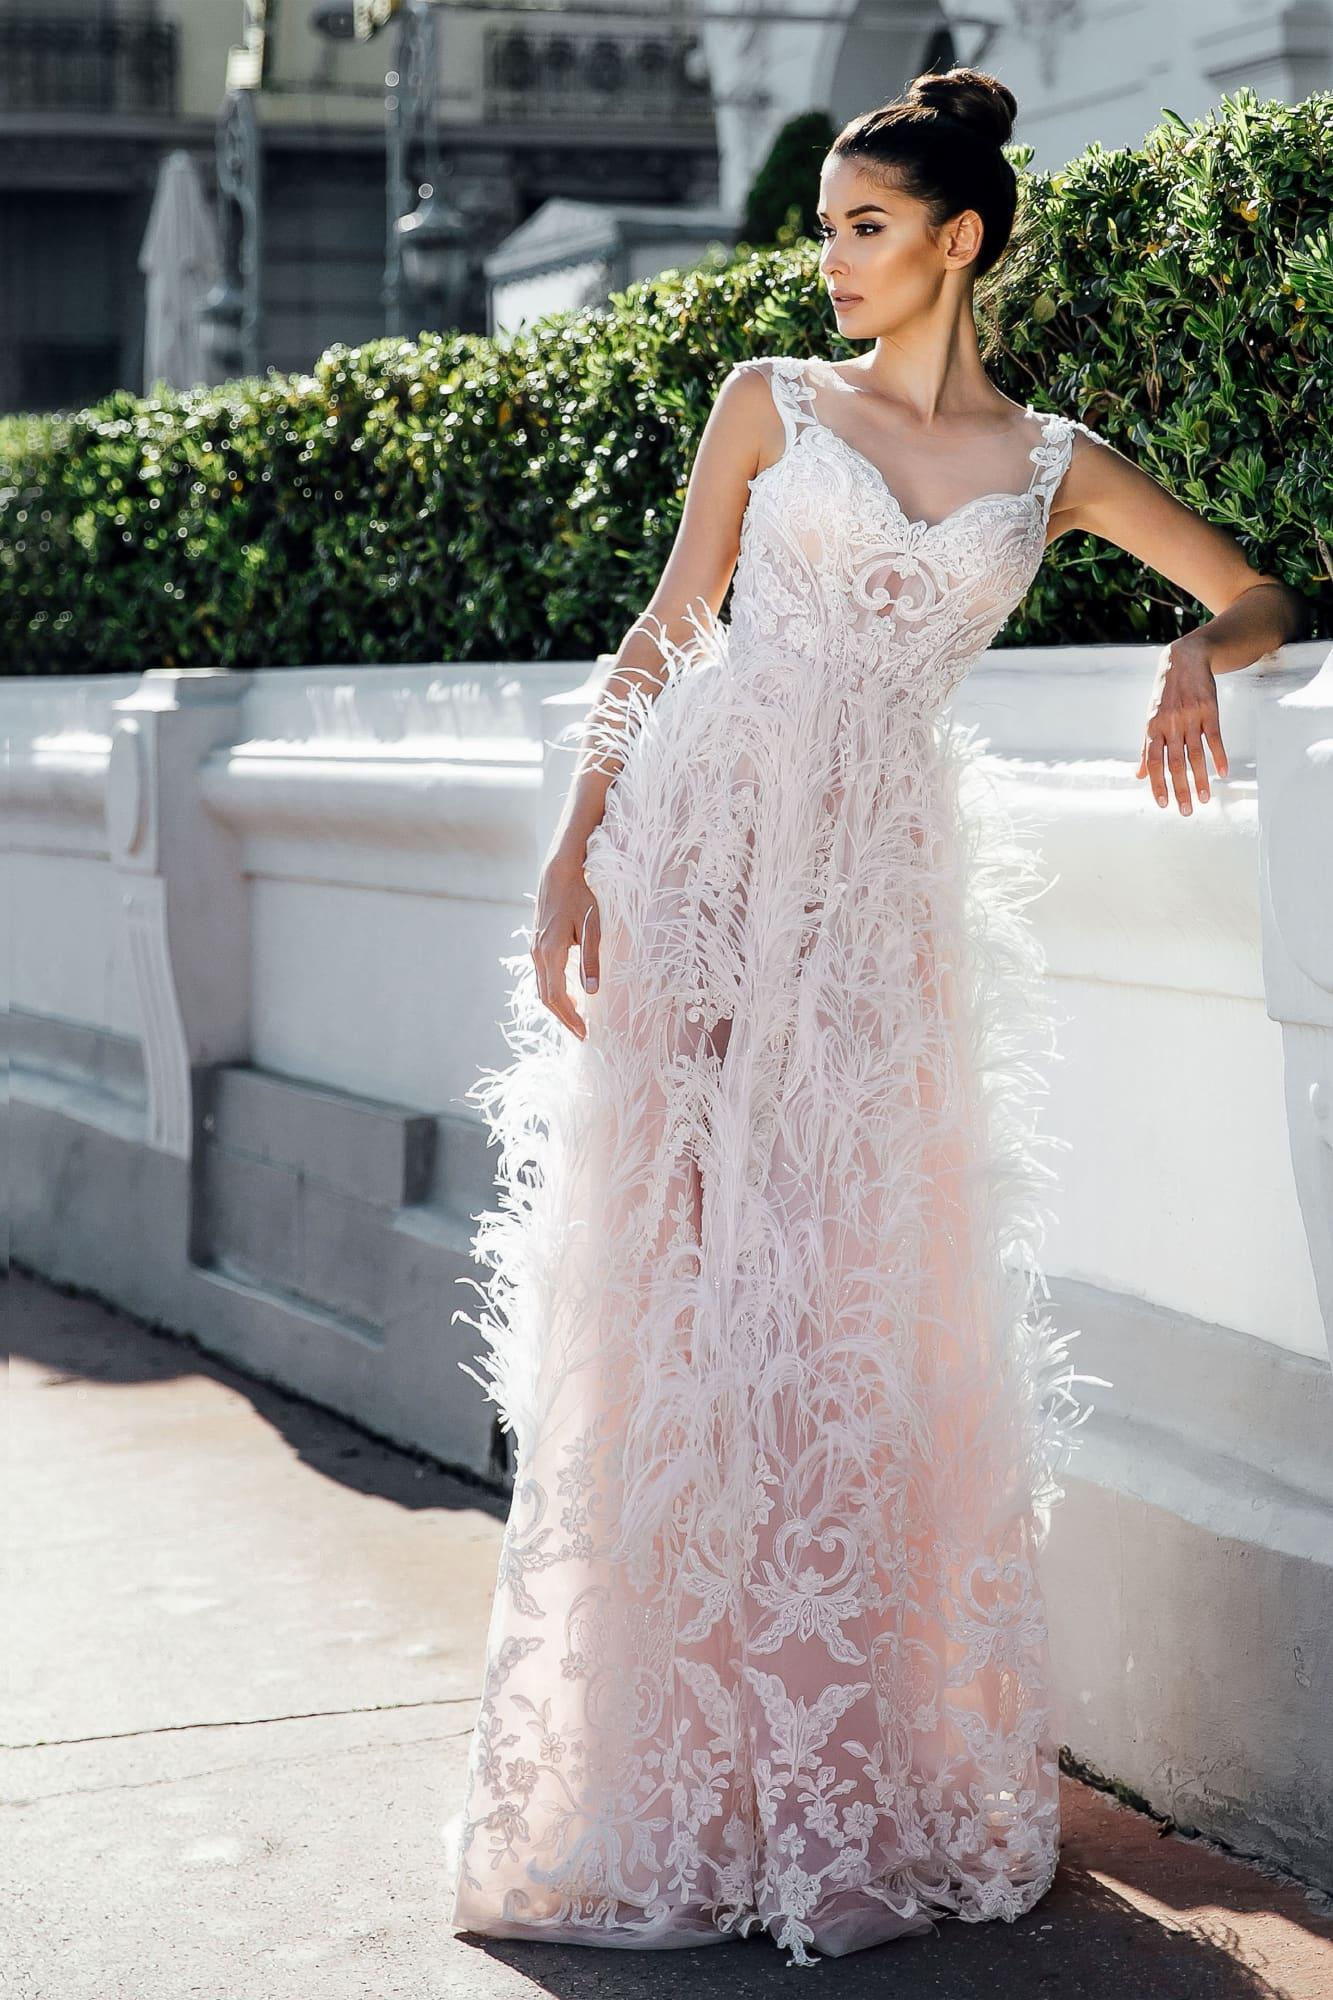 4394b04483f Розовое свадебное платье Gabbiano Abigelia ▷ Свадебный Торговый Центр Вега  в Москве